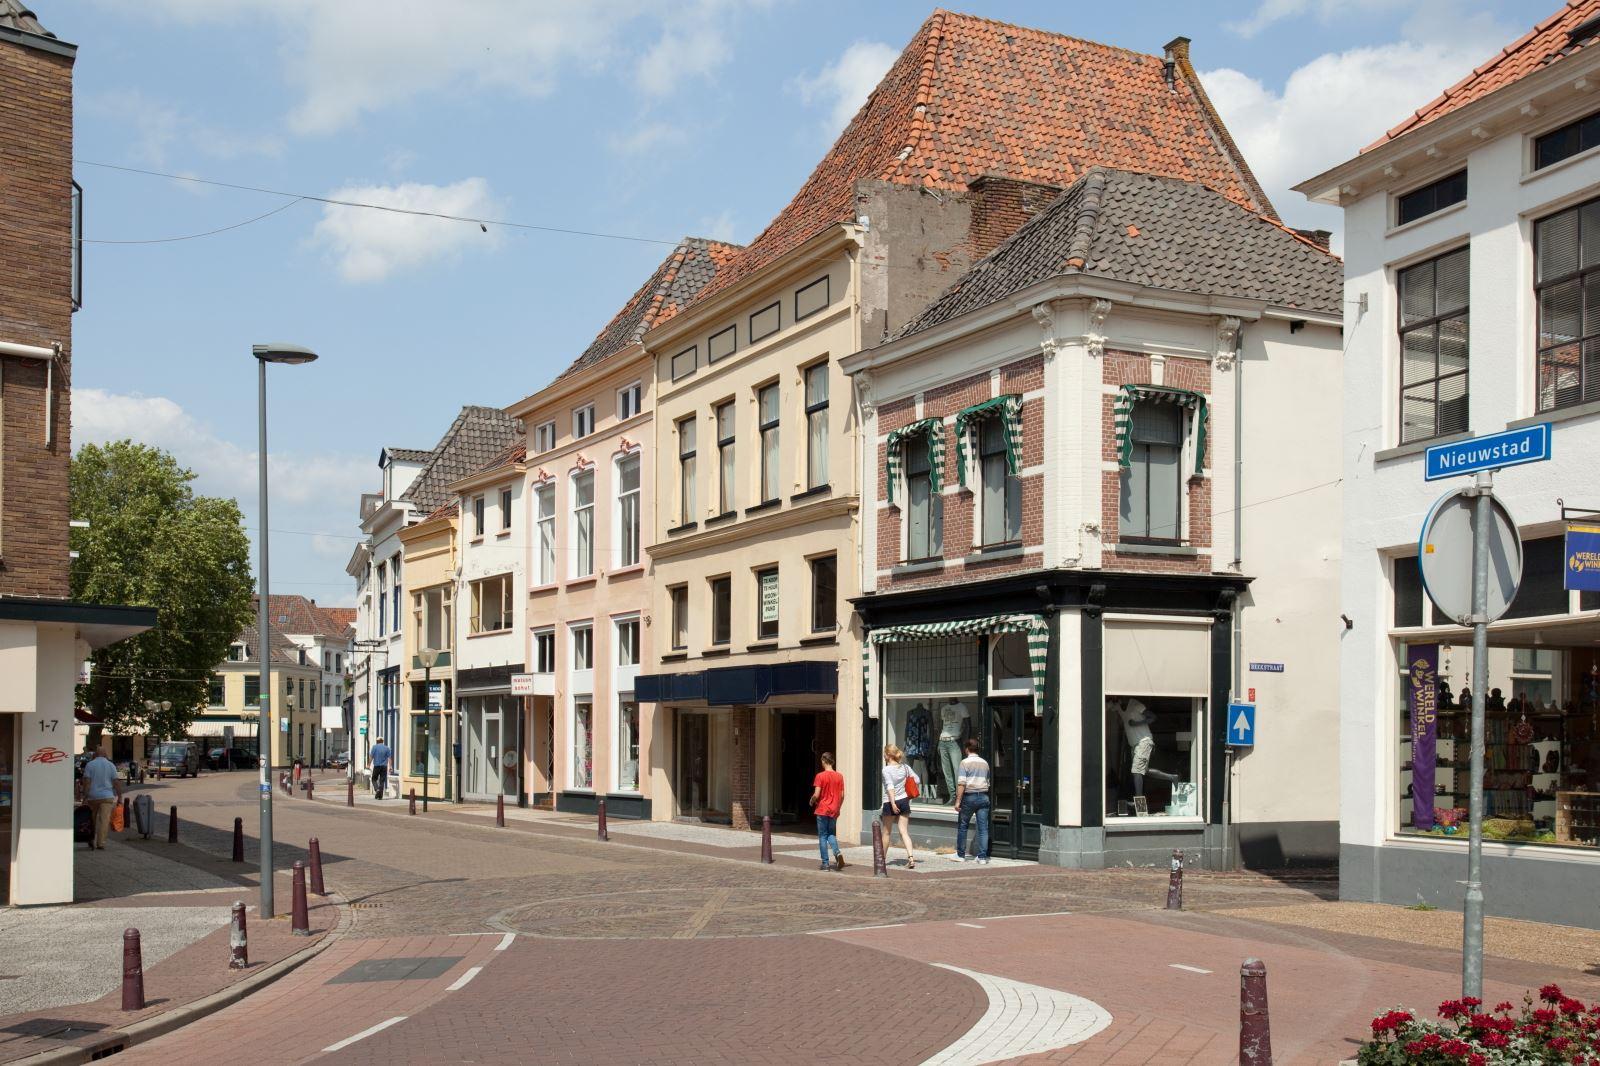 Winkel zutphen zoek winkels te koop nieuwstad 10 12 for Funda zutphen